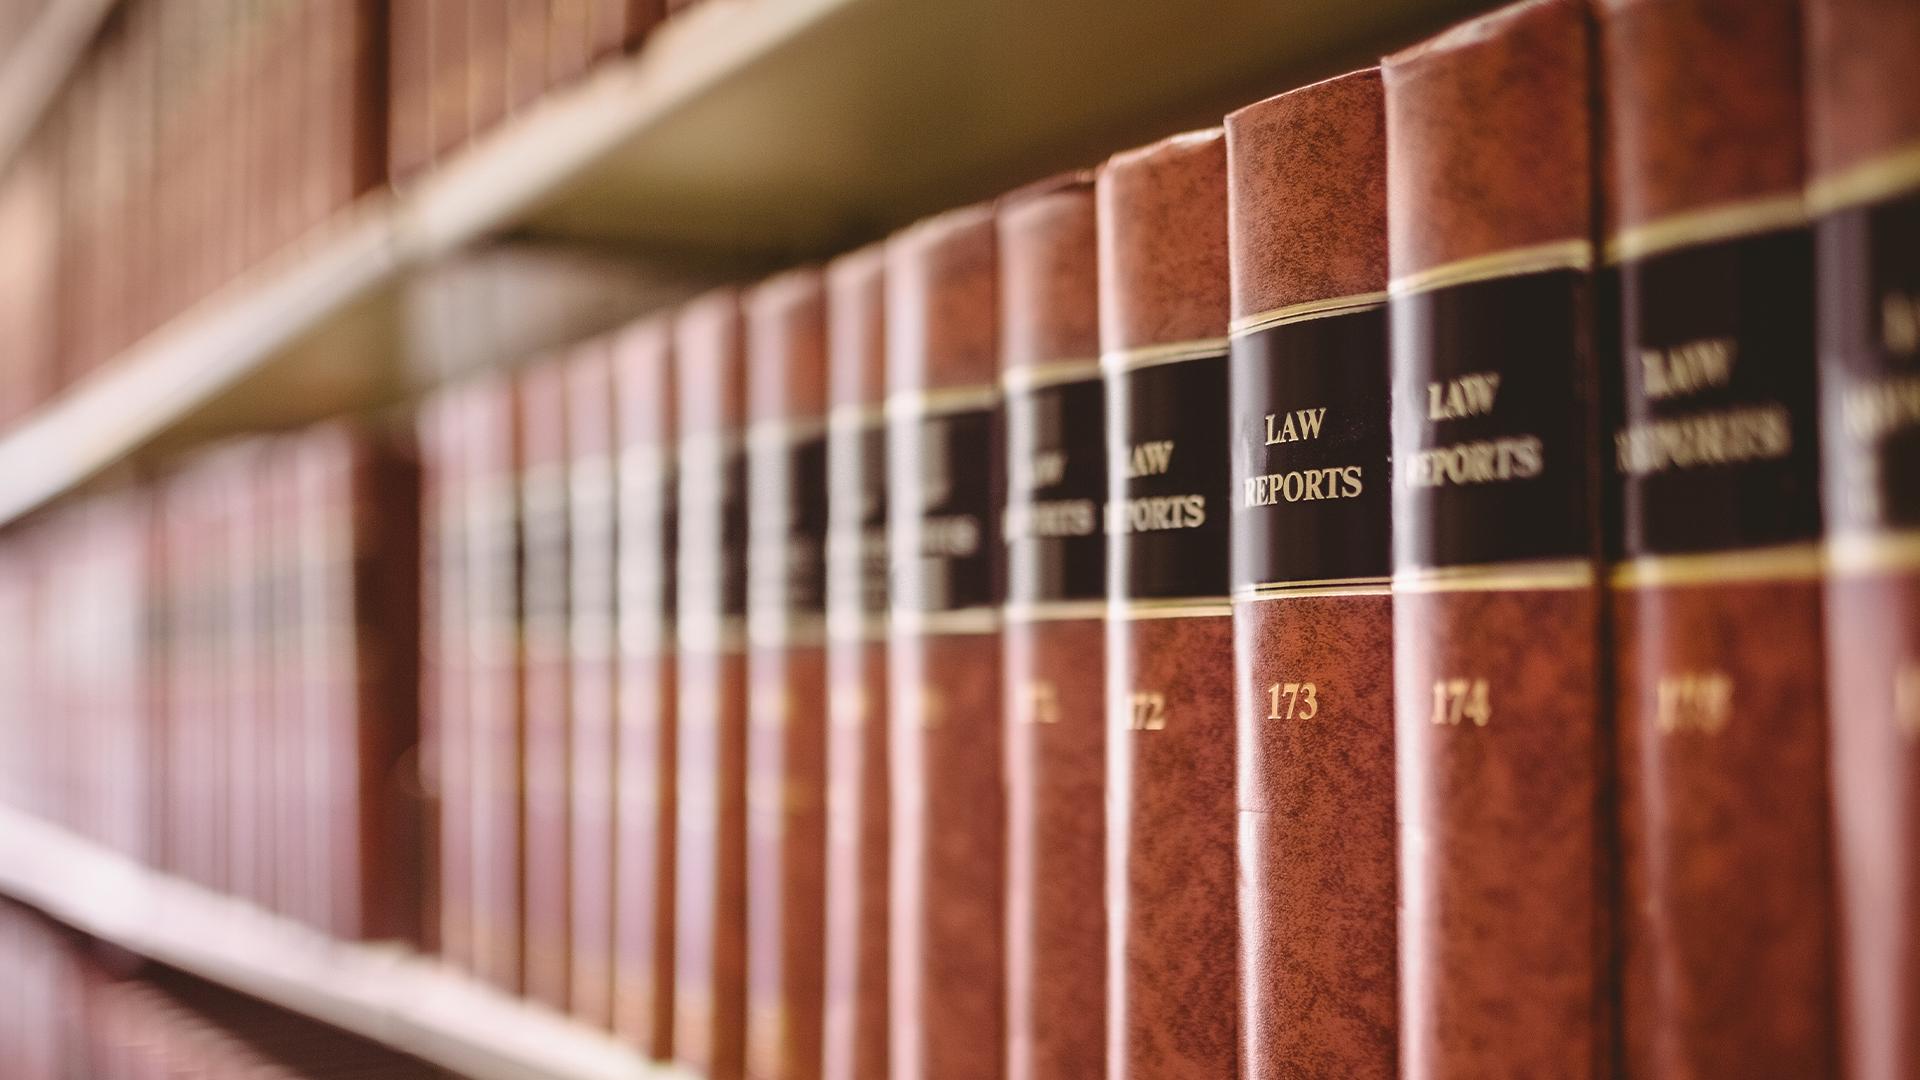 GAR Litigation Know How 2021